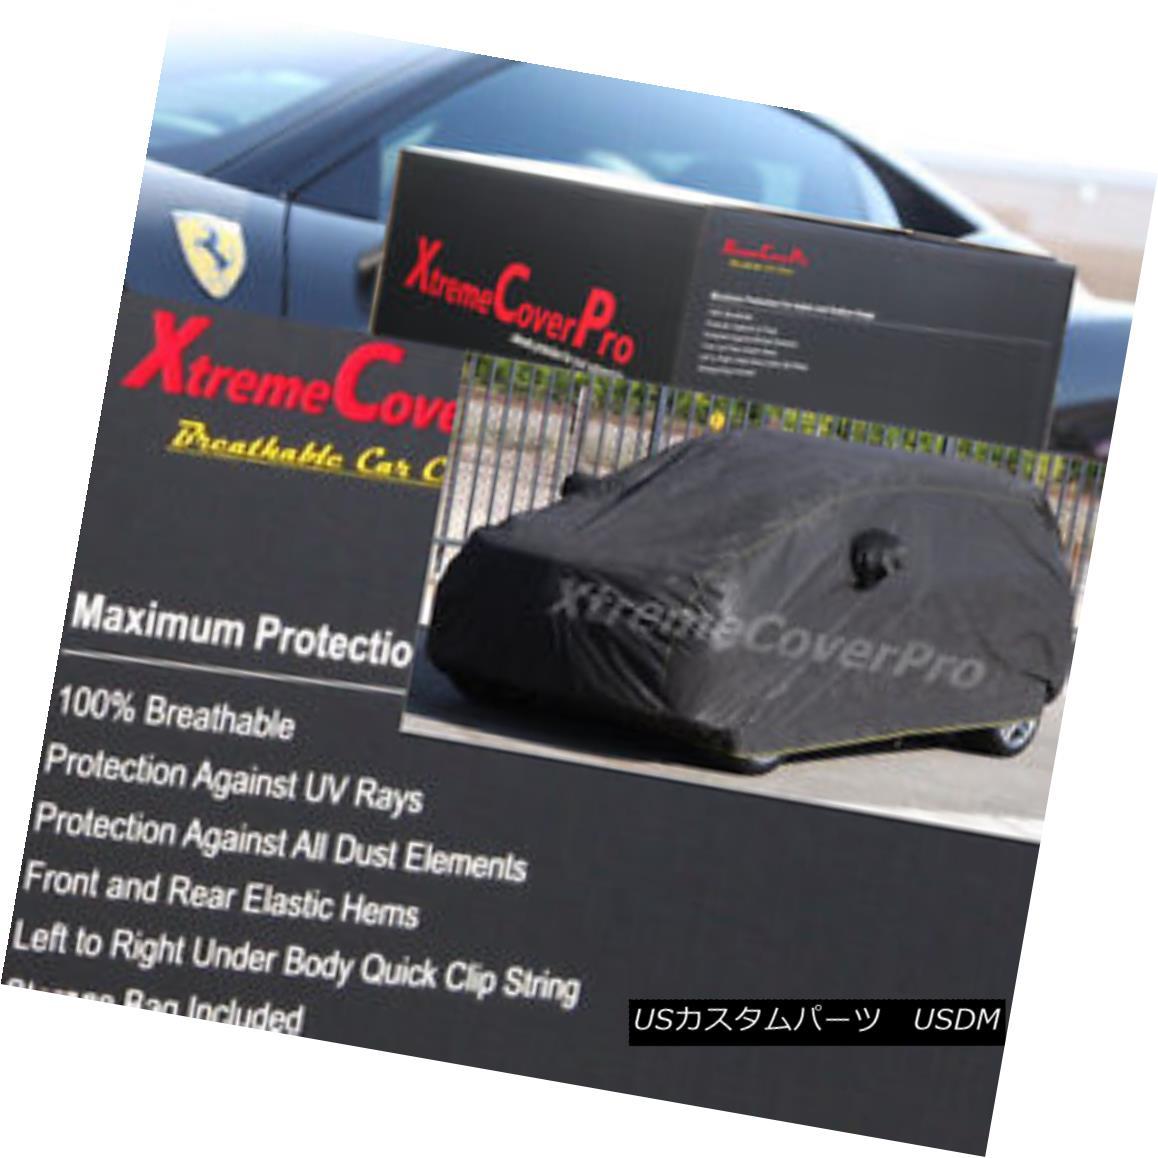 カーカバー 2013 Cadillac Escalade ESV Breathable Car Cover w/MirrorPocket 2013年キャデラックエスカレードESV通気性カーカバー(MirrorPocket付き)